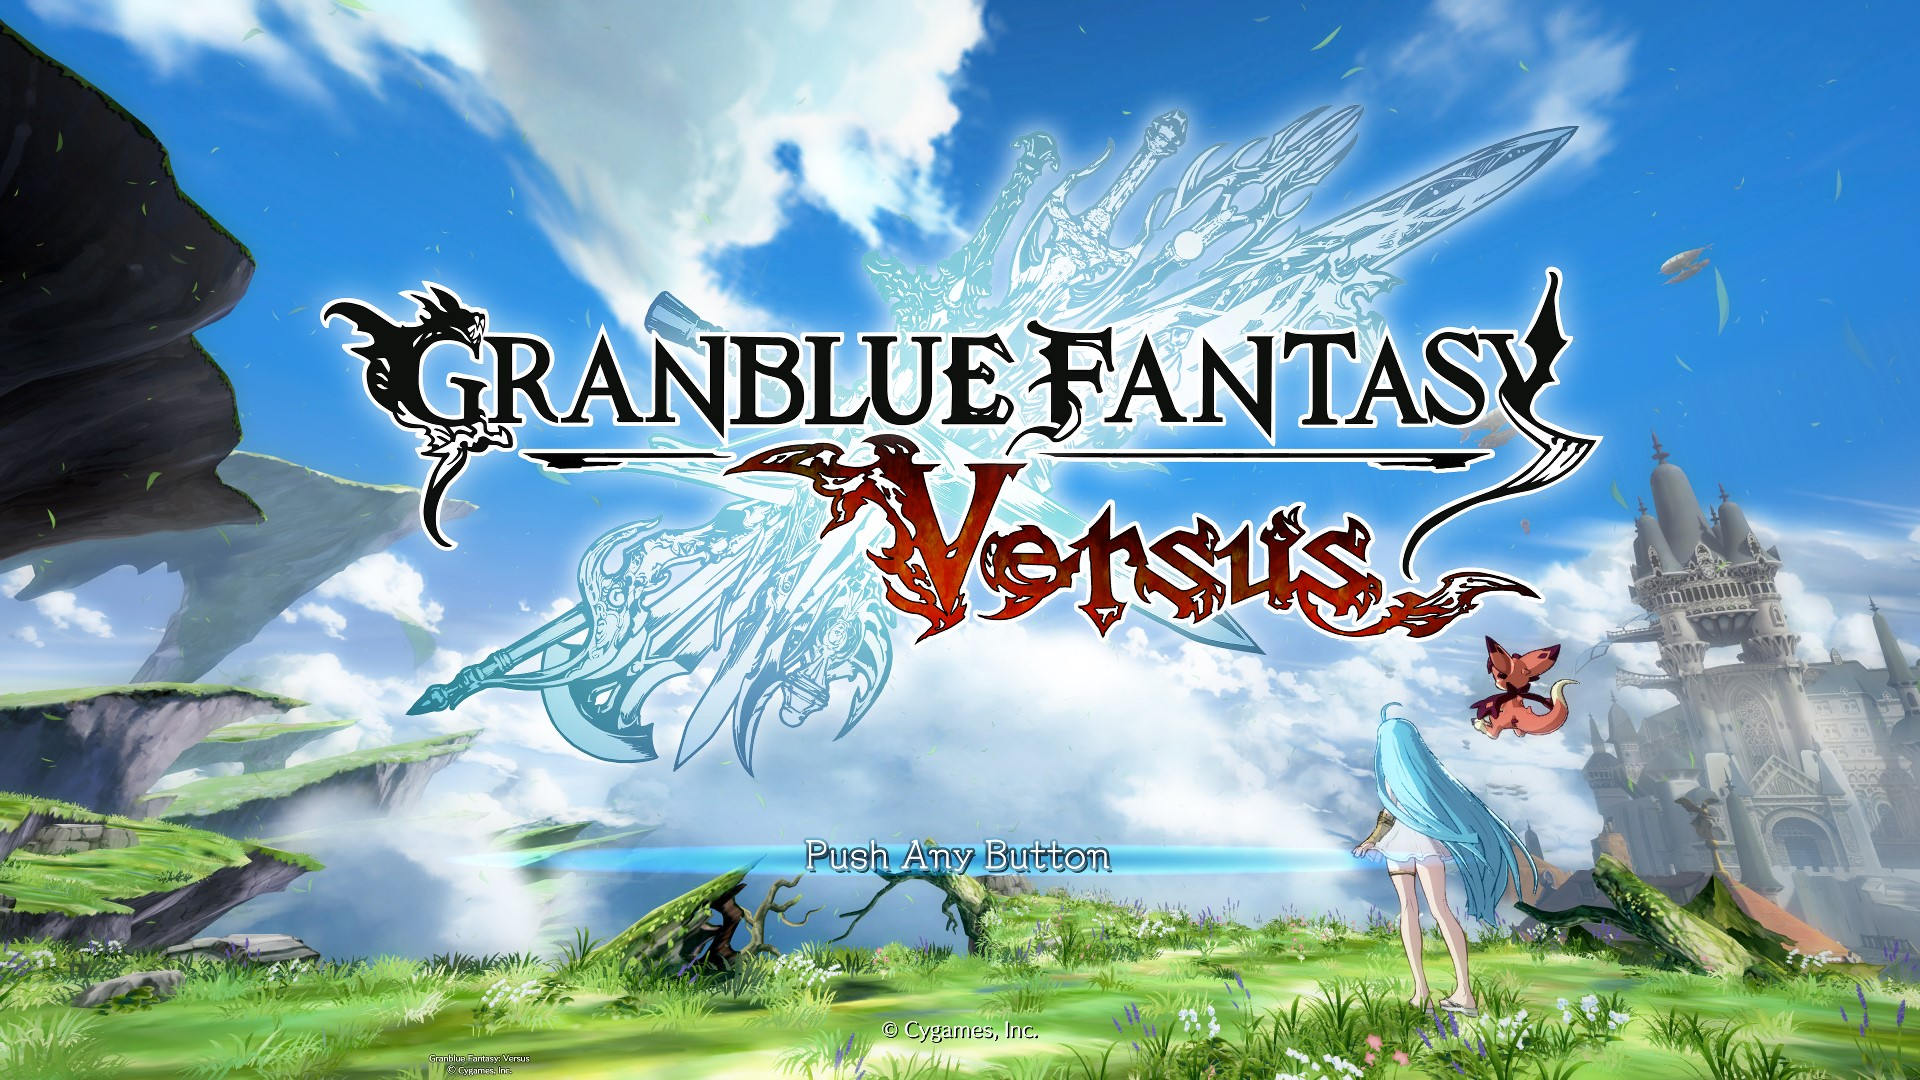 granblue fantasy versus video game wallpaper 69704